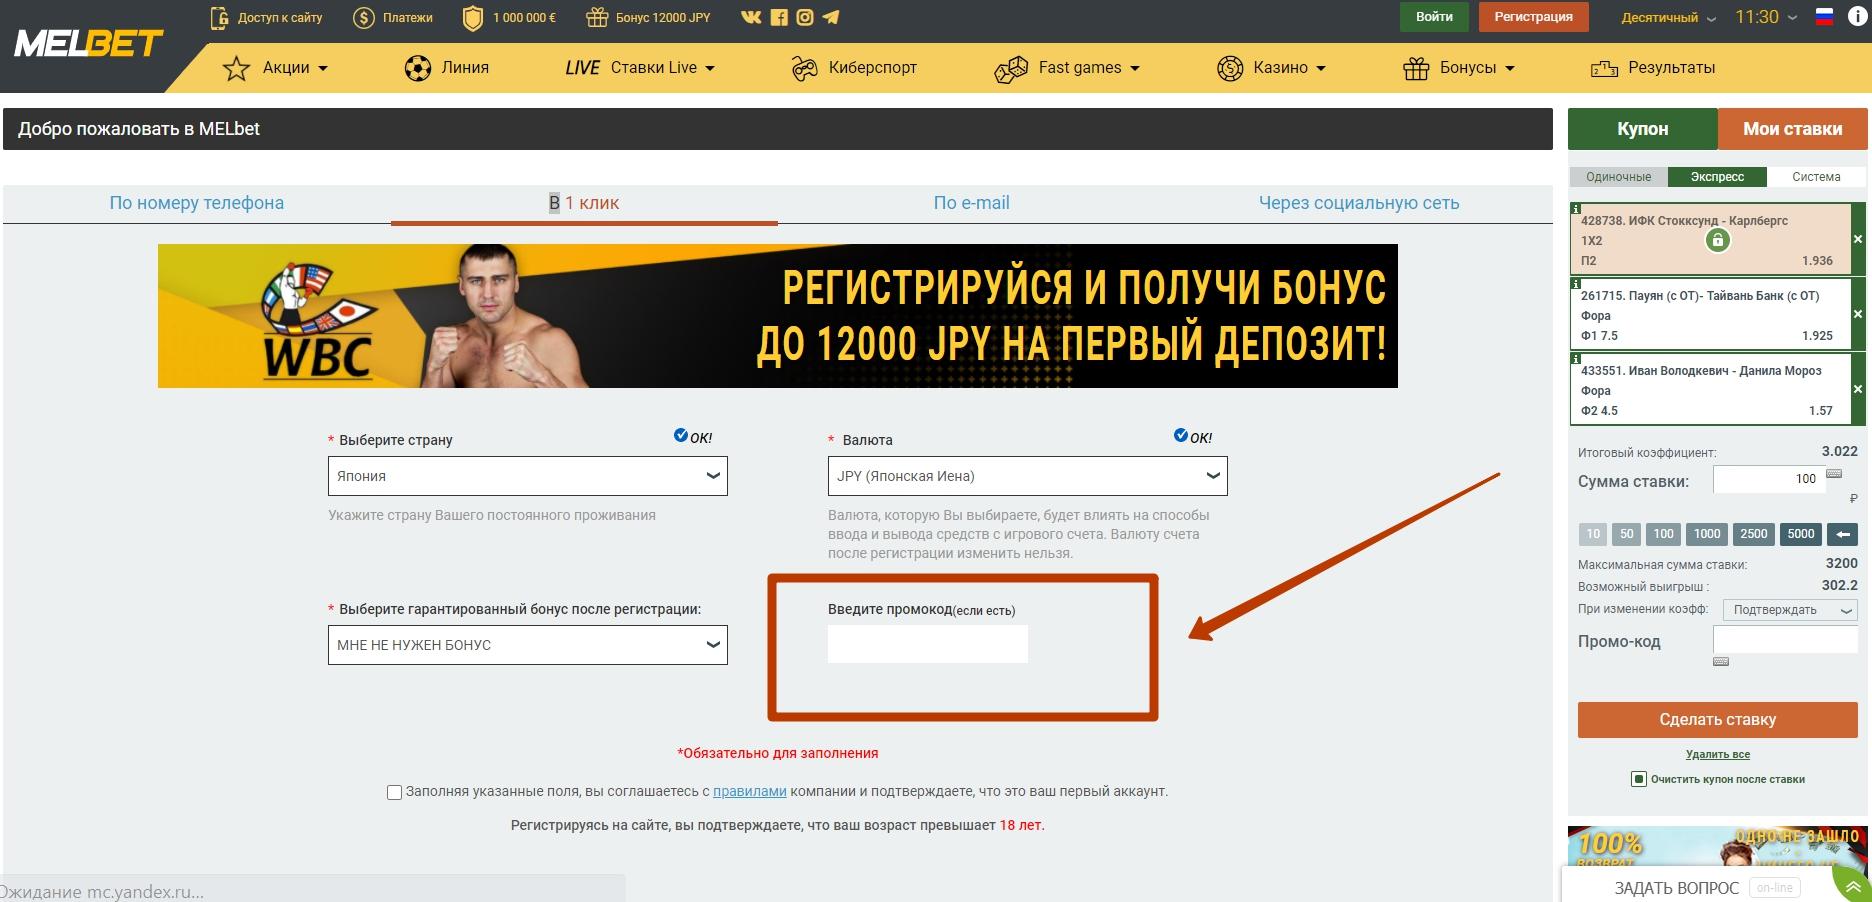 Мелбет промокод для ставки на сегодня как получить 500 рублей на лиге ставок